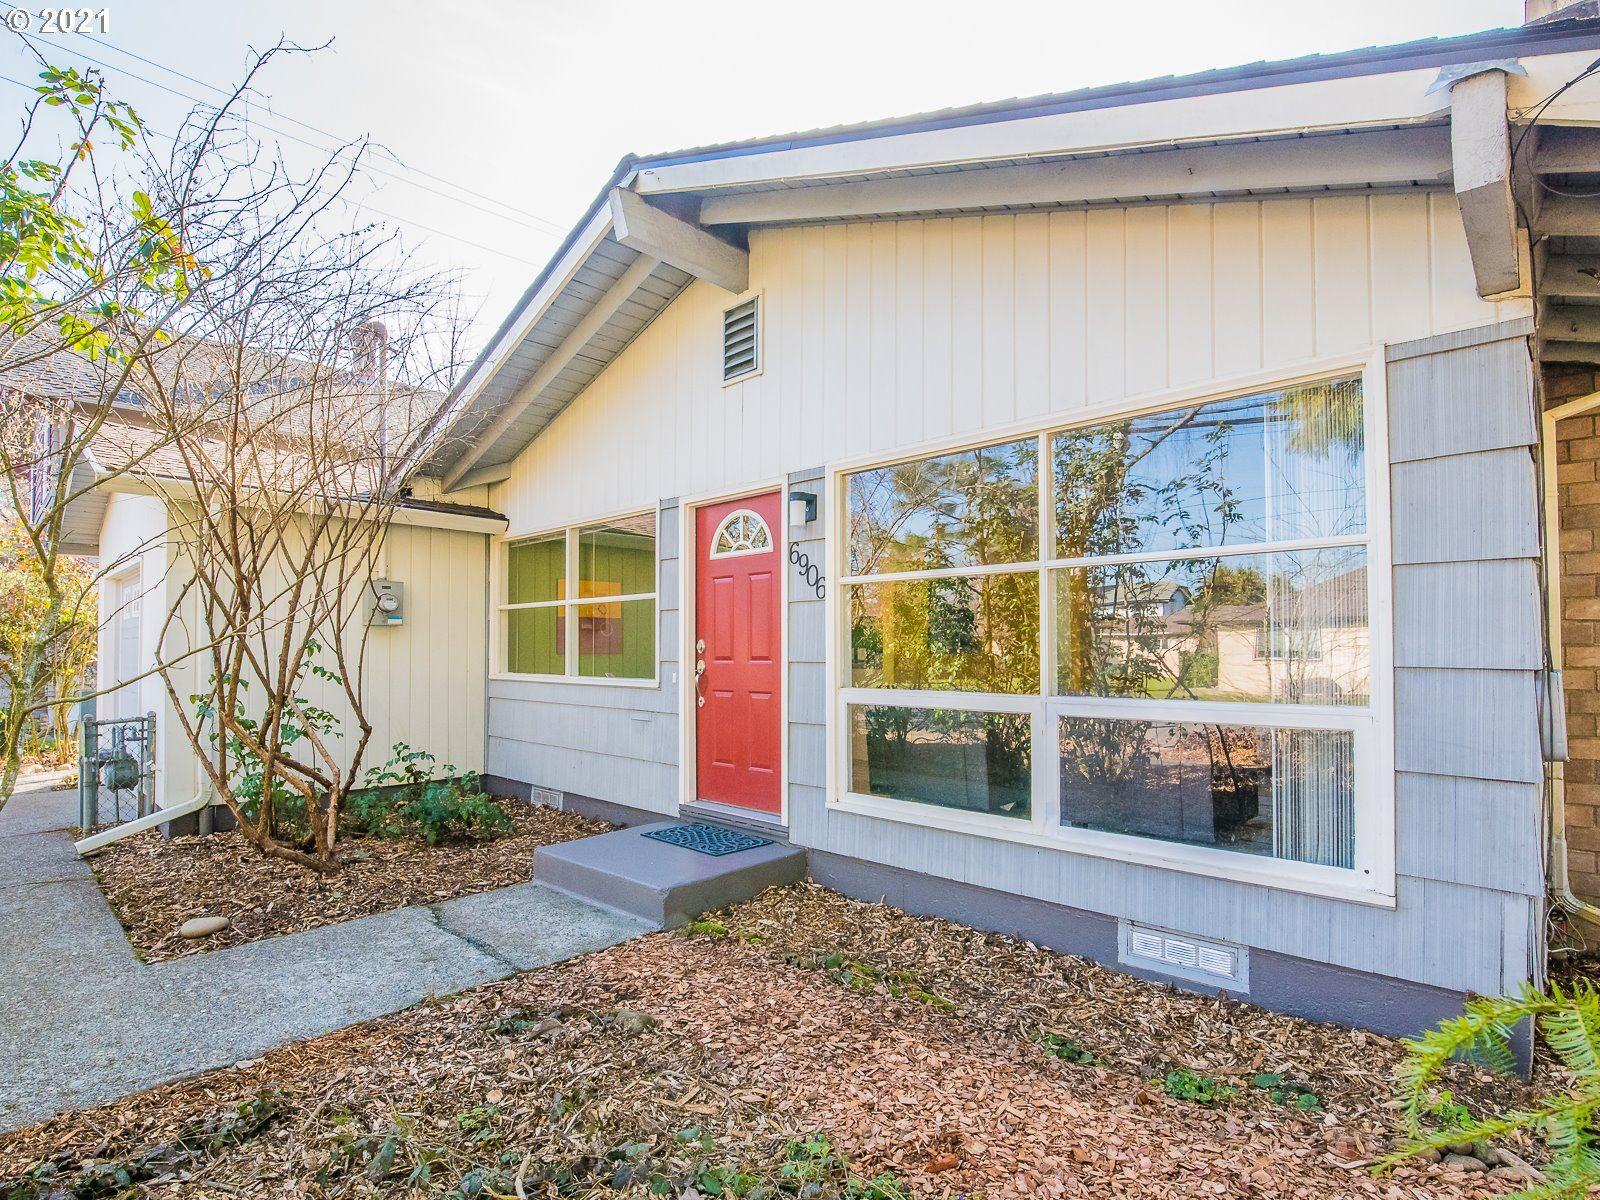 6906 SE HAROLD ST, Portland, OR 97206 - MLS#: 20636680